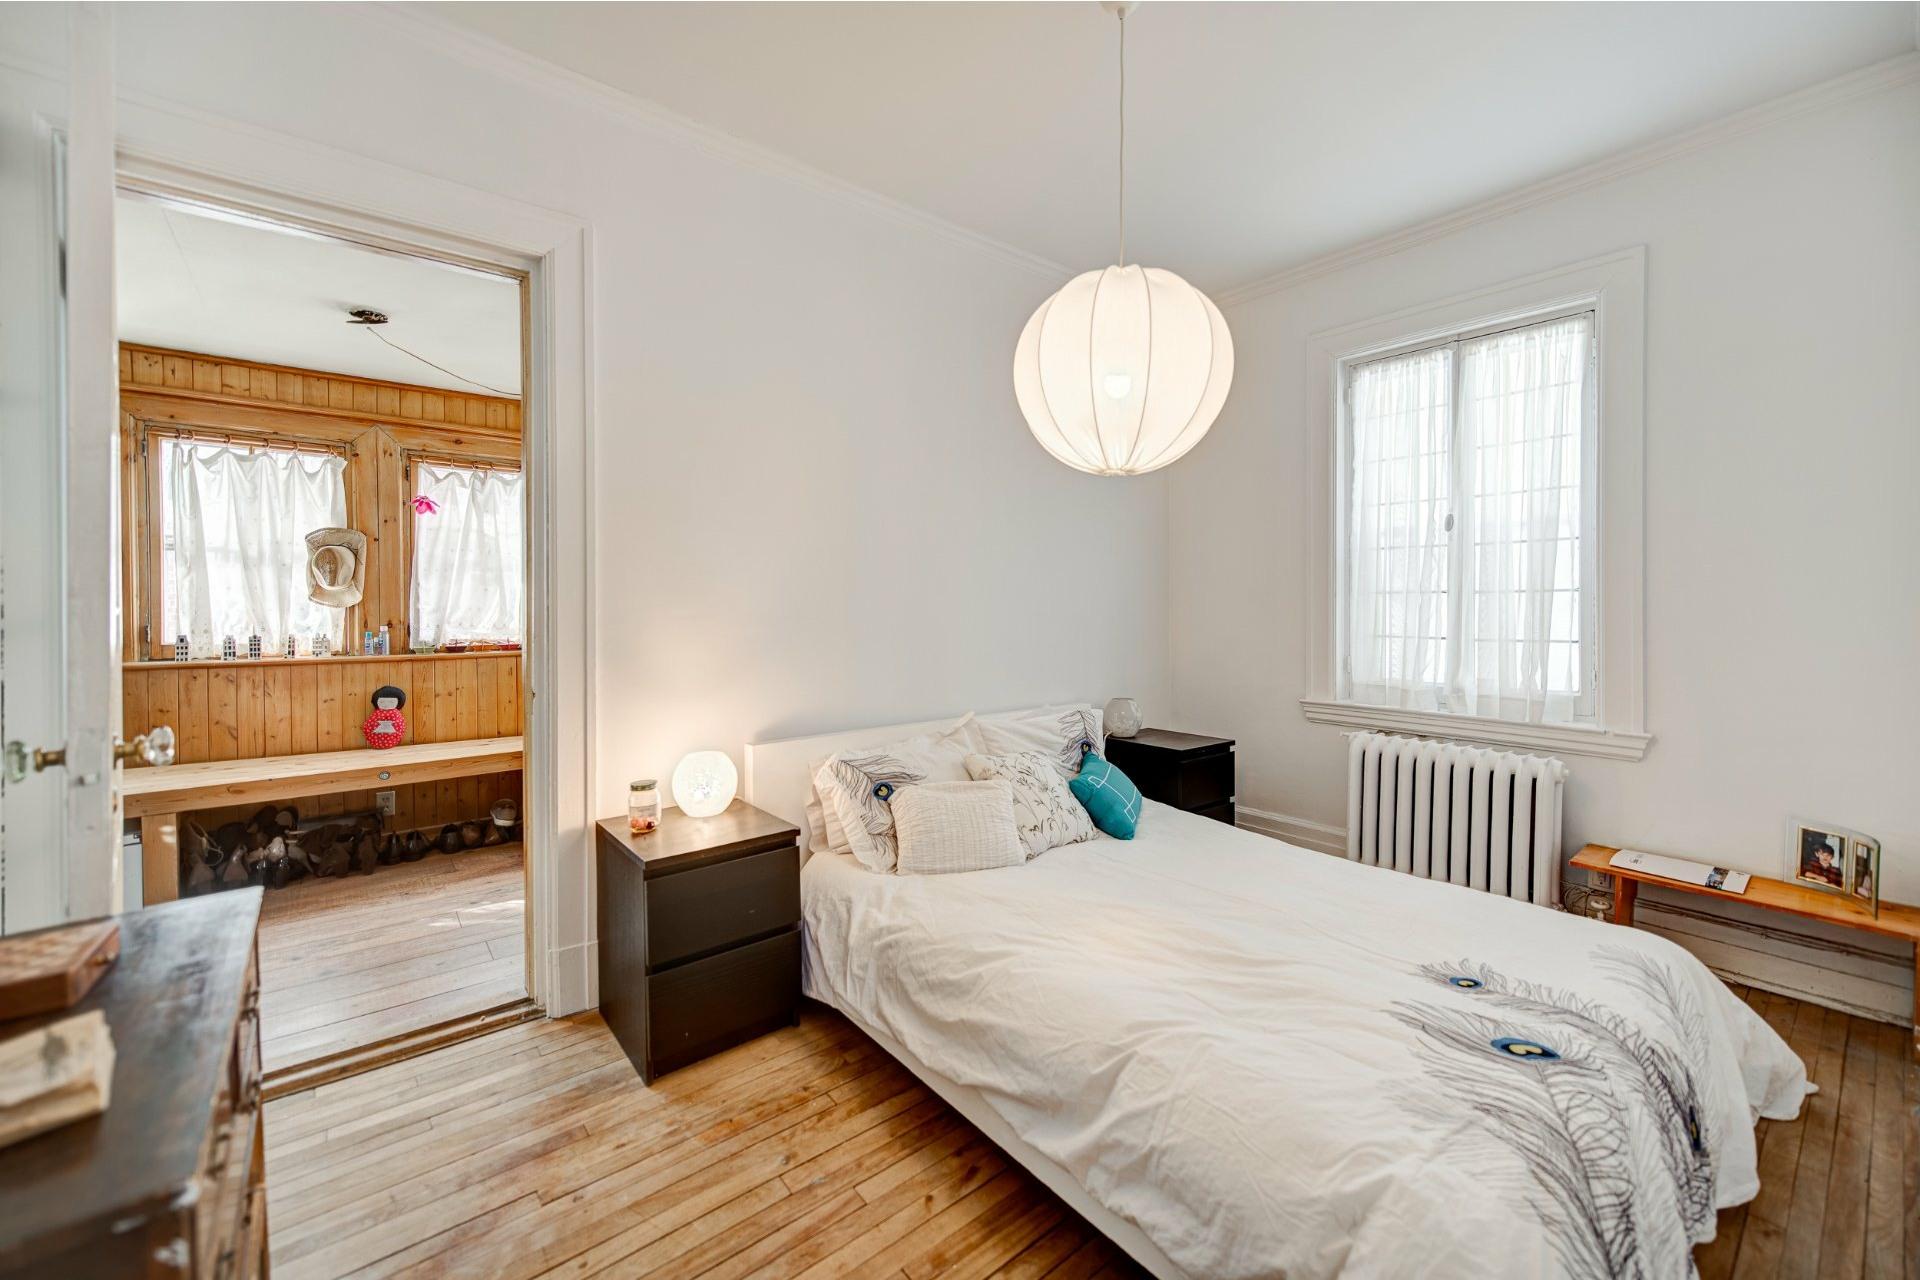 image 22 - House For sale Côte-des-Neiges/Notre-Dame-de-Grâce Montréal  - 10 rooms